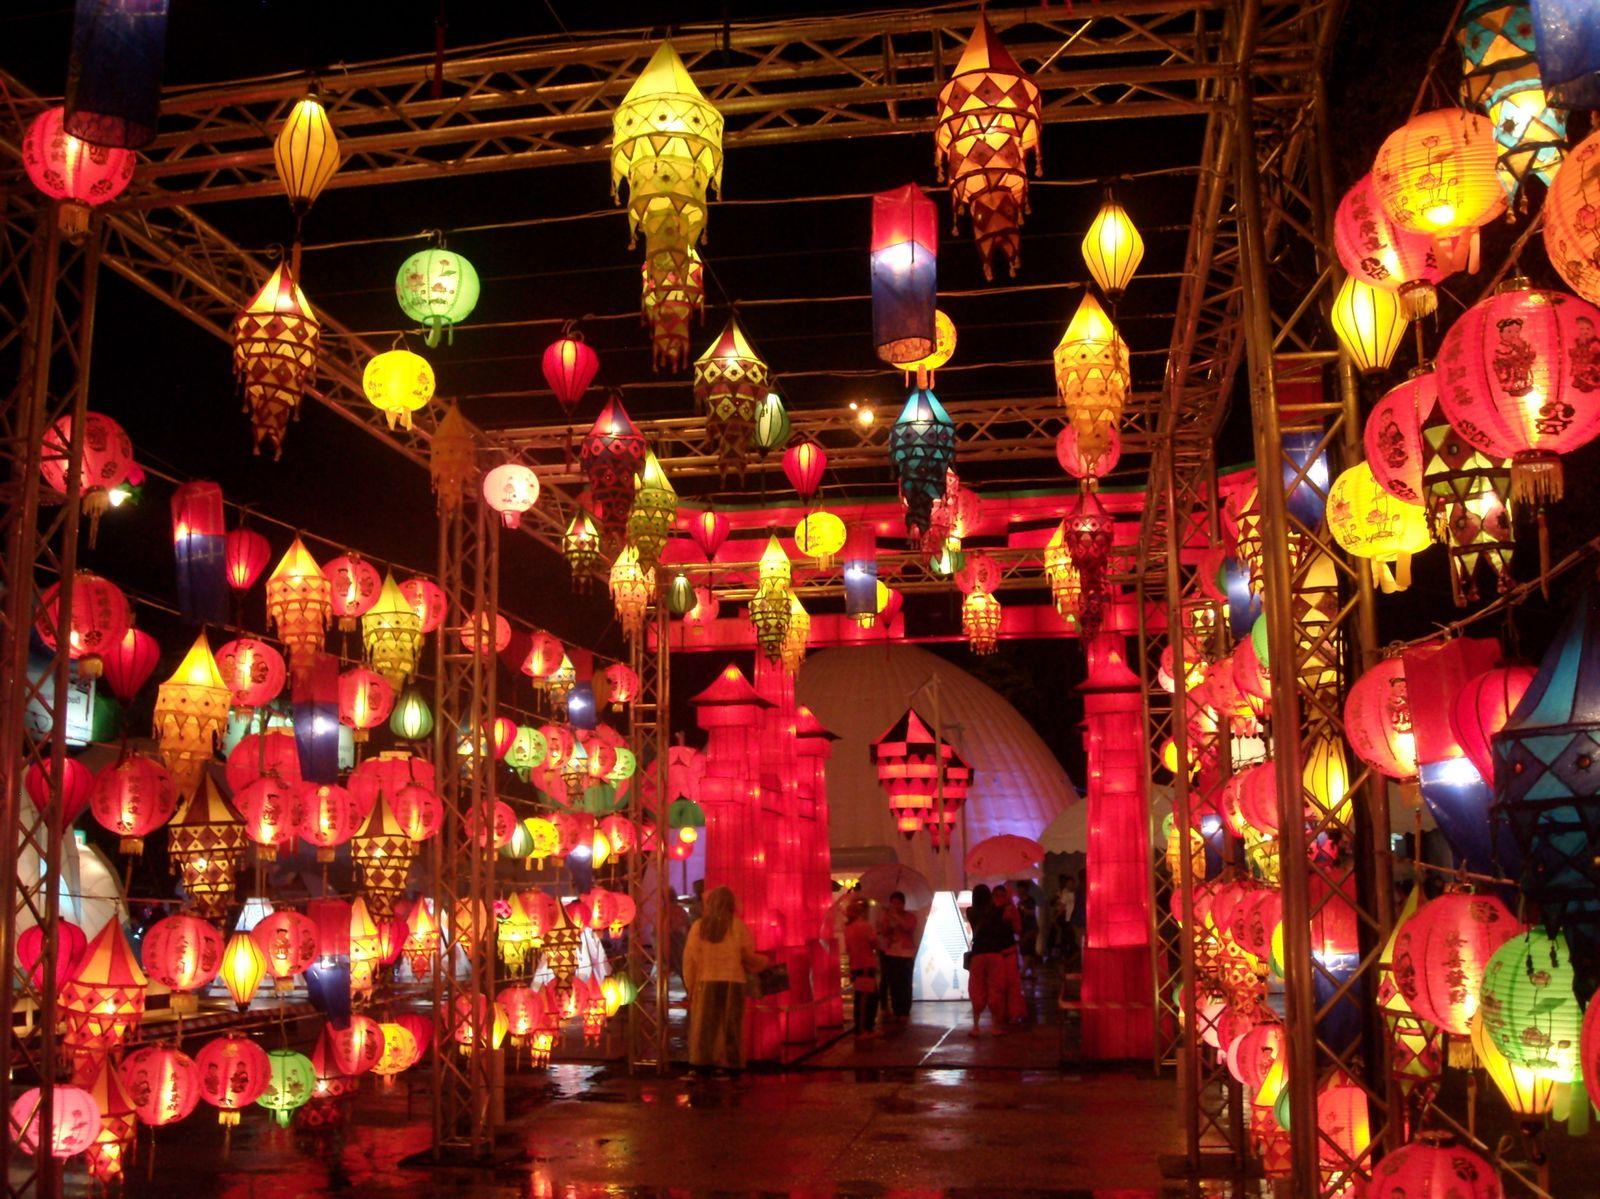 1. Cours d'eau entourant la vieille ville   2. Pèse personne...dans un temple!   3. à 13. Plein de temples   14. à 17. Festival des lanternes